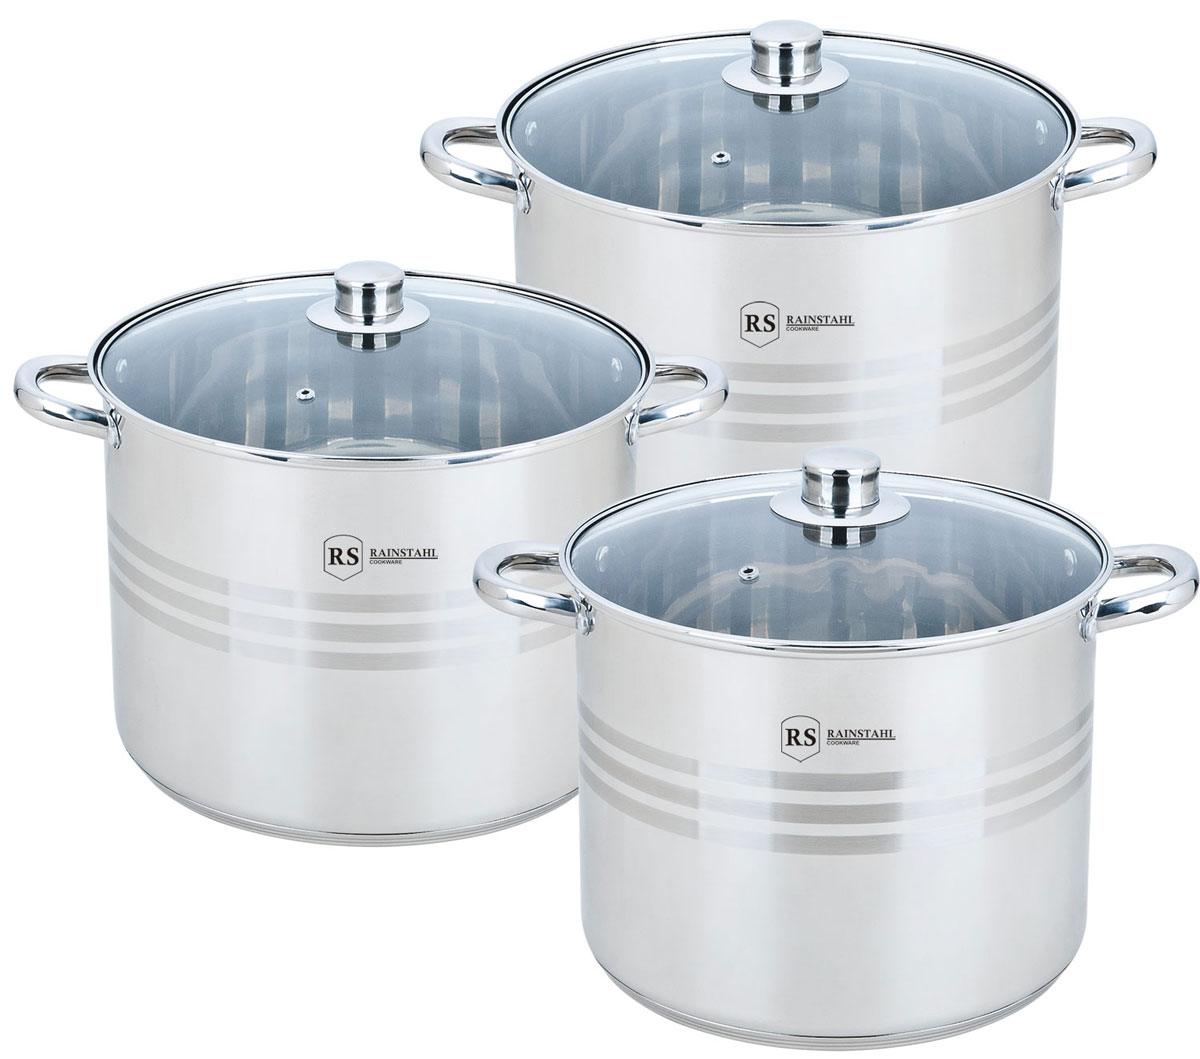 Набор посуды Rainstahl, цвет: стальной, 6 предметов. 2303-06RS/CW BK набор посуды rainstahl 8 предметов 1230 08rs cw bk